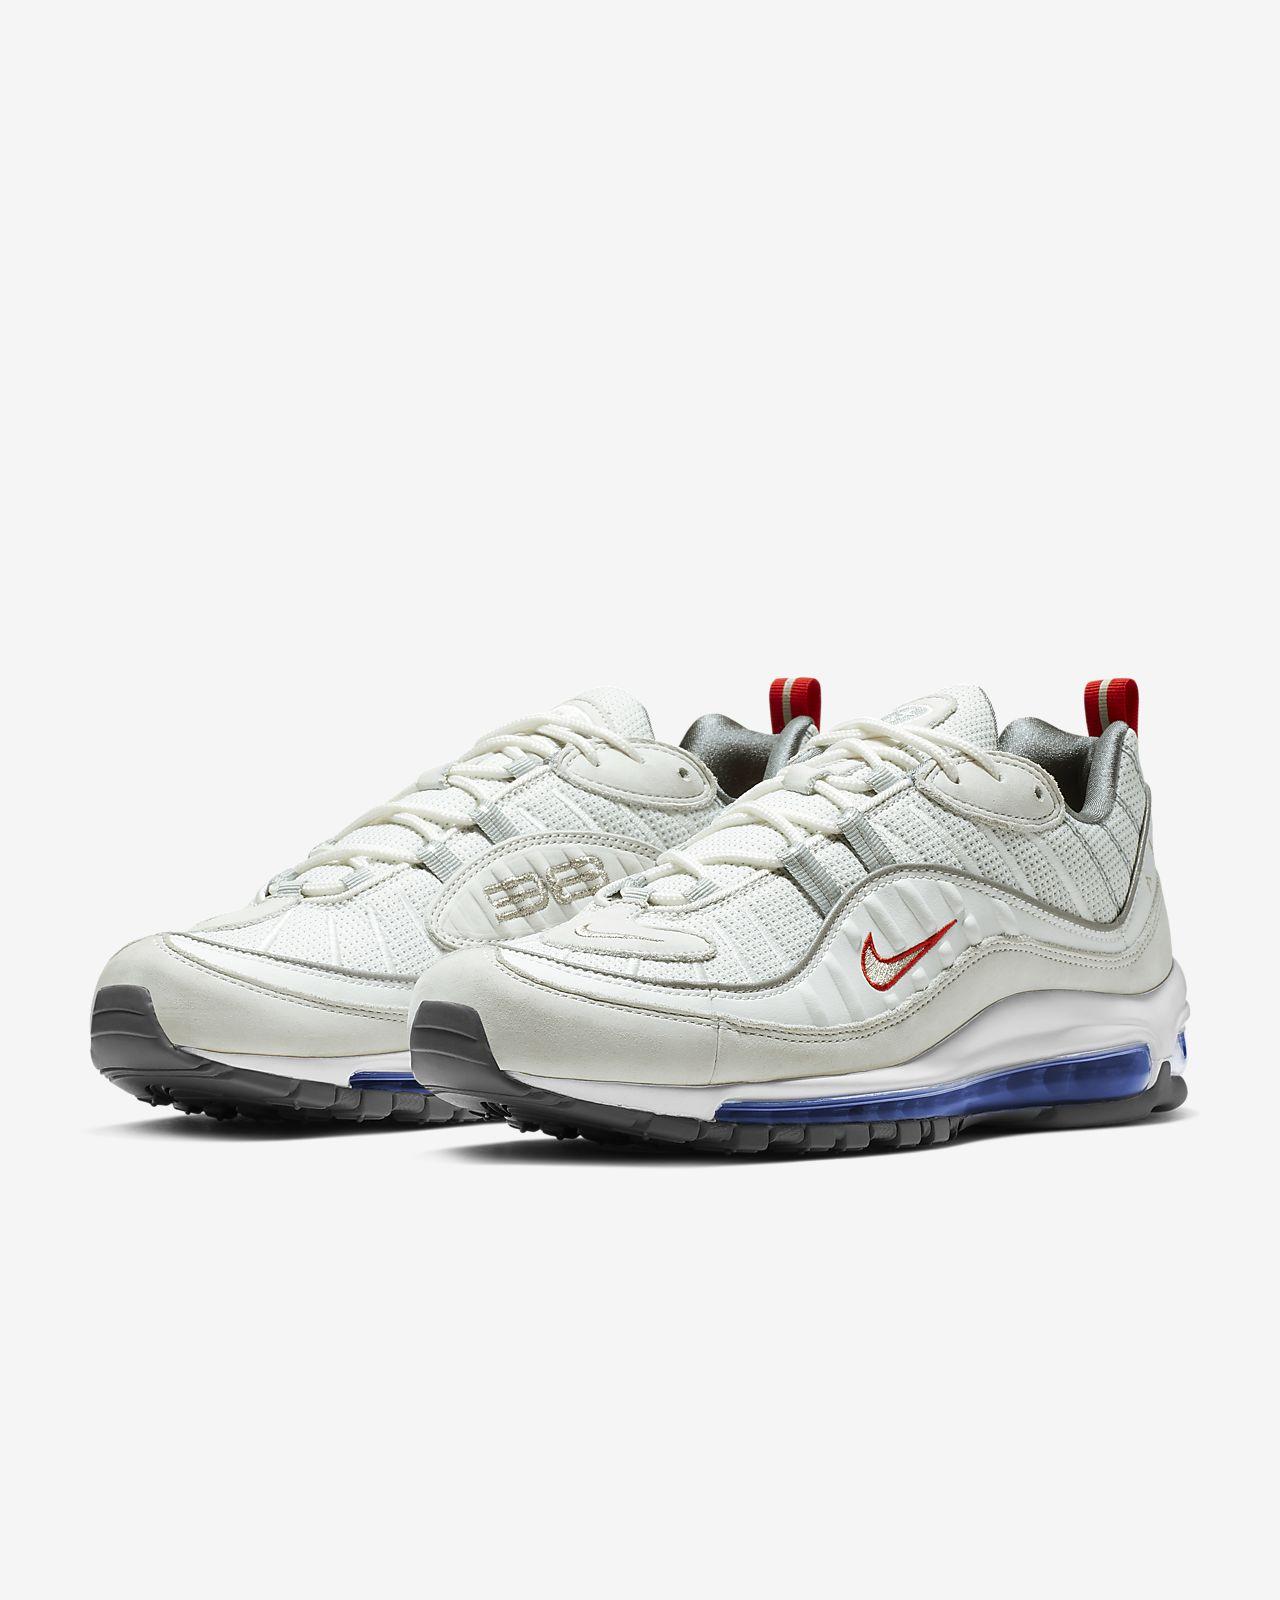 Nike Air Max 180 ab 44,98 € | Preisvergleich bei